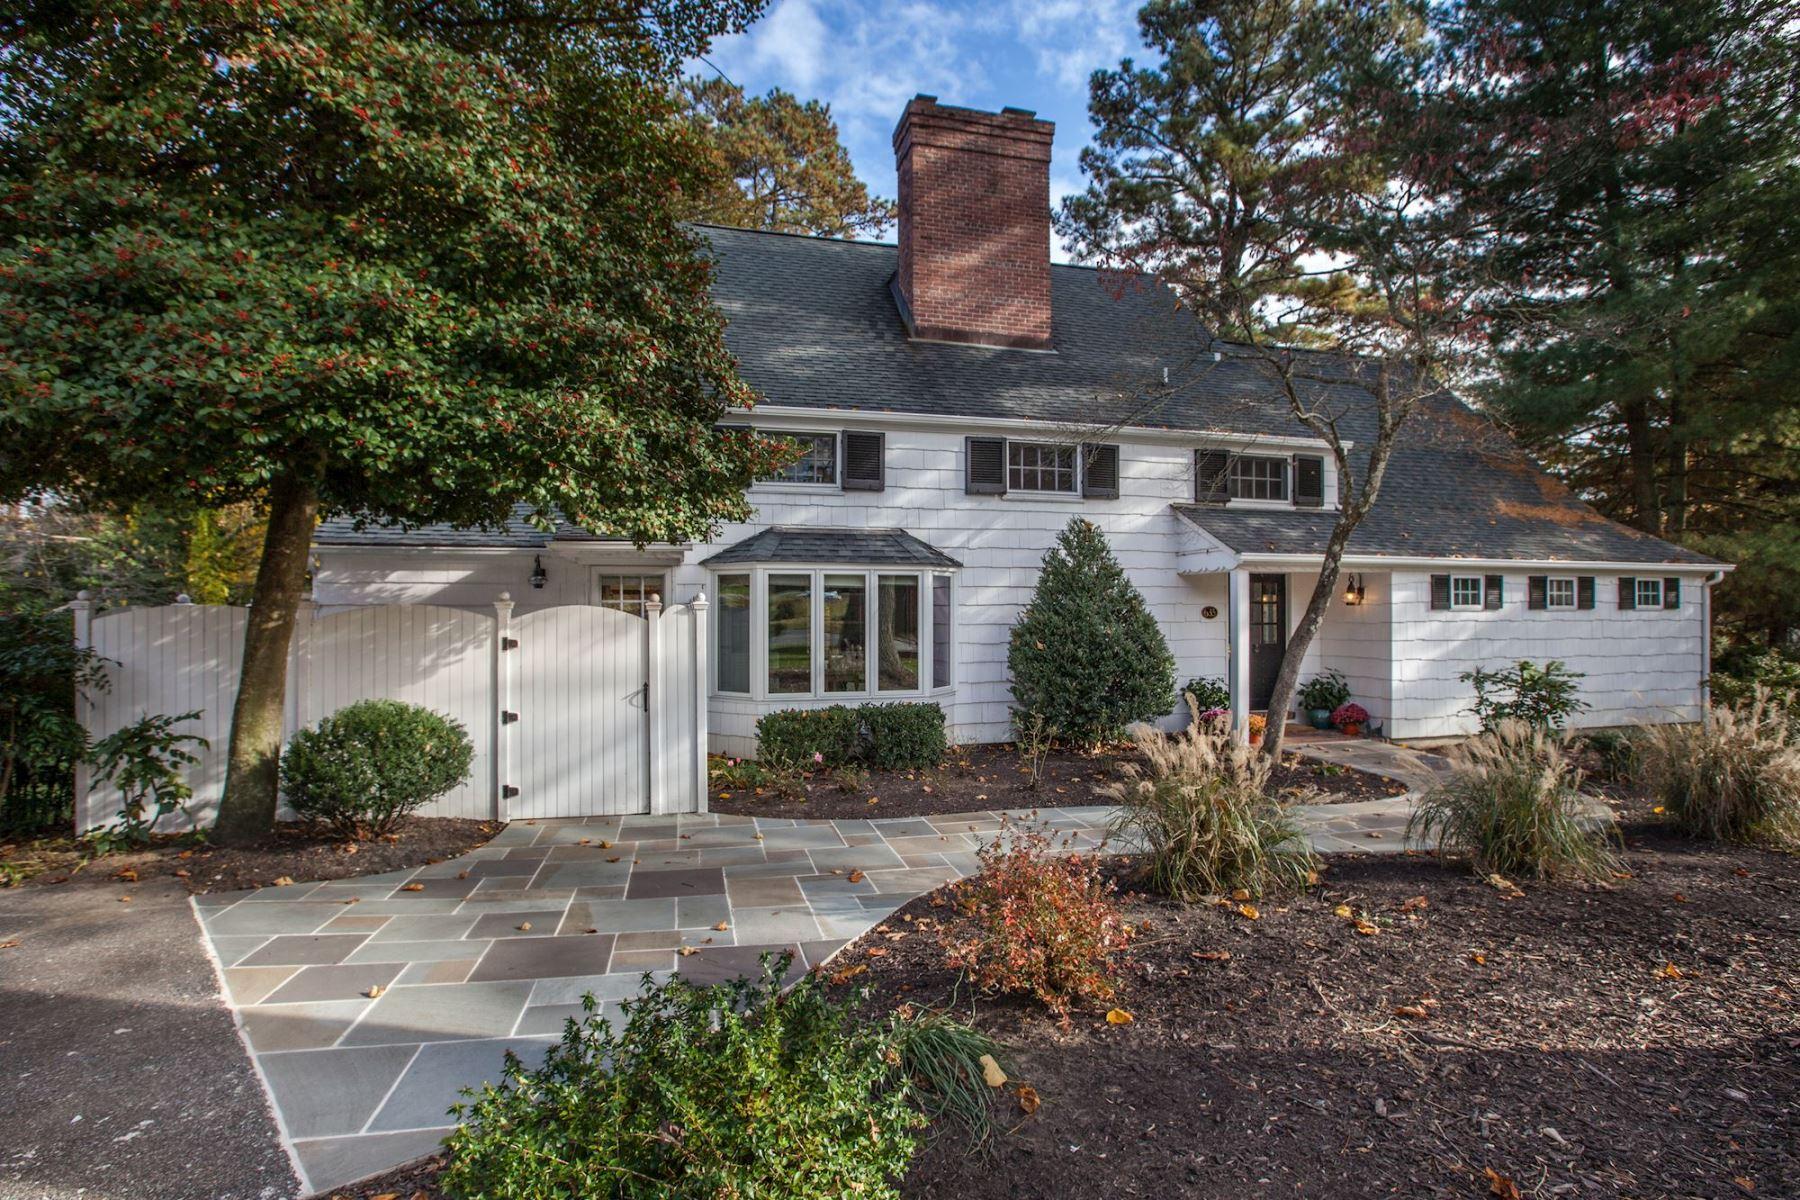 独户住宅 为 销售 在 635 Broadwater Way, Gibson Island 吉布森岛, 马里兰州 21056 美国